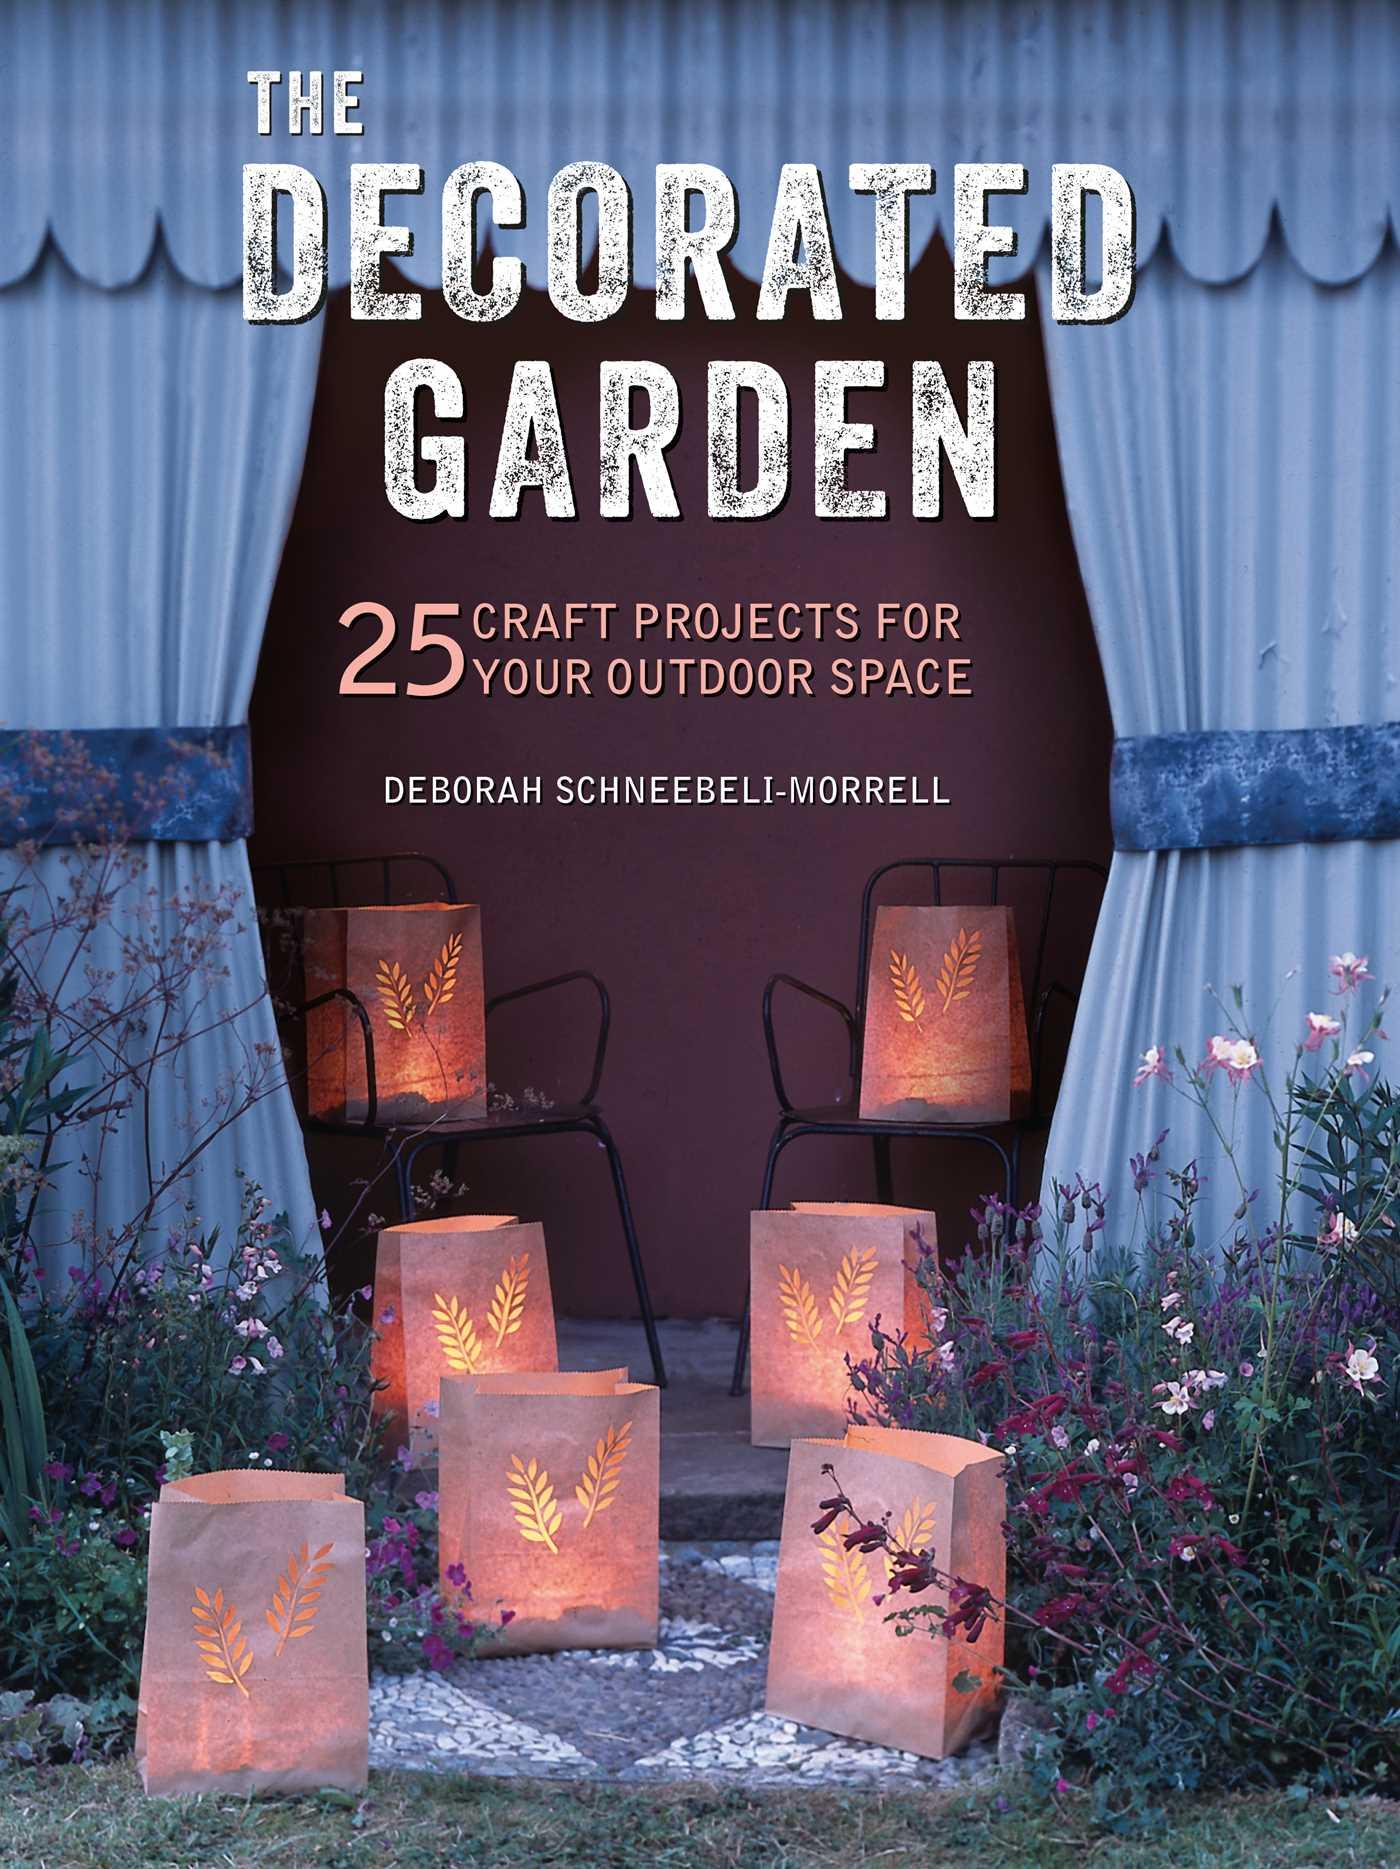 The decorated garden 9781782495536 hr